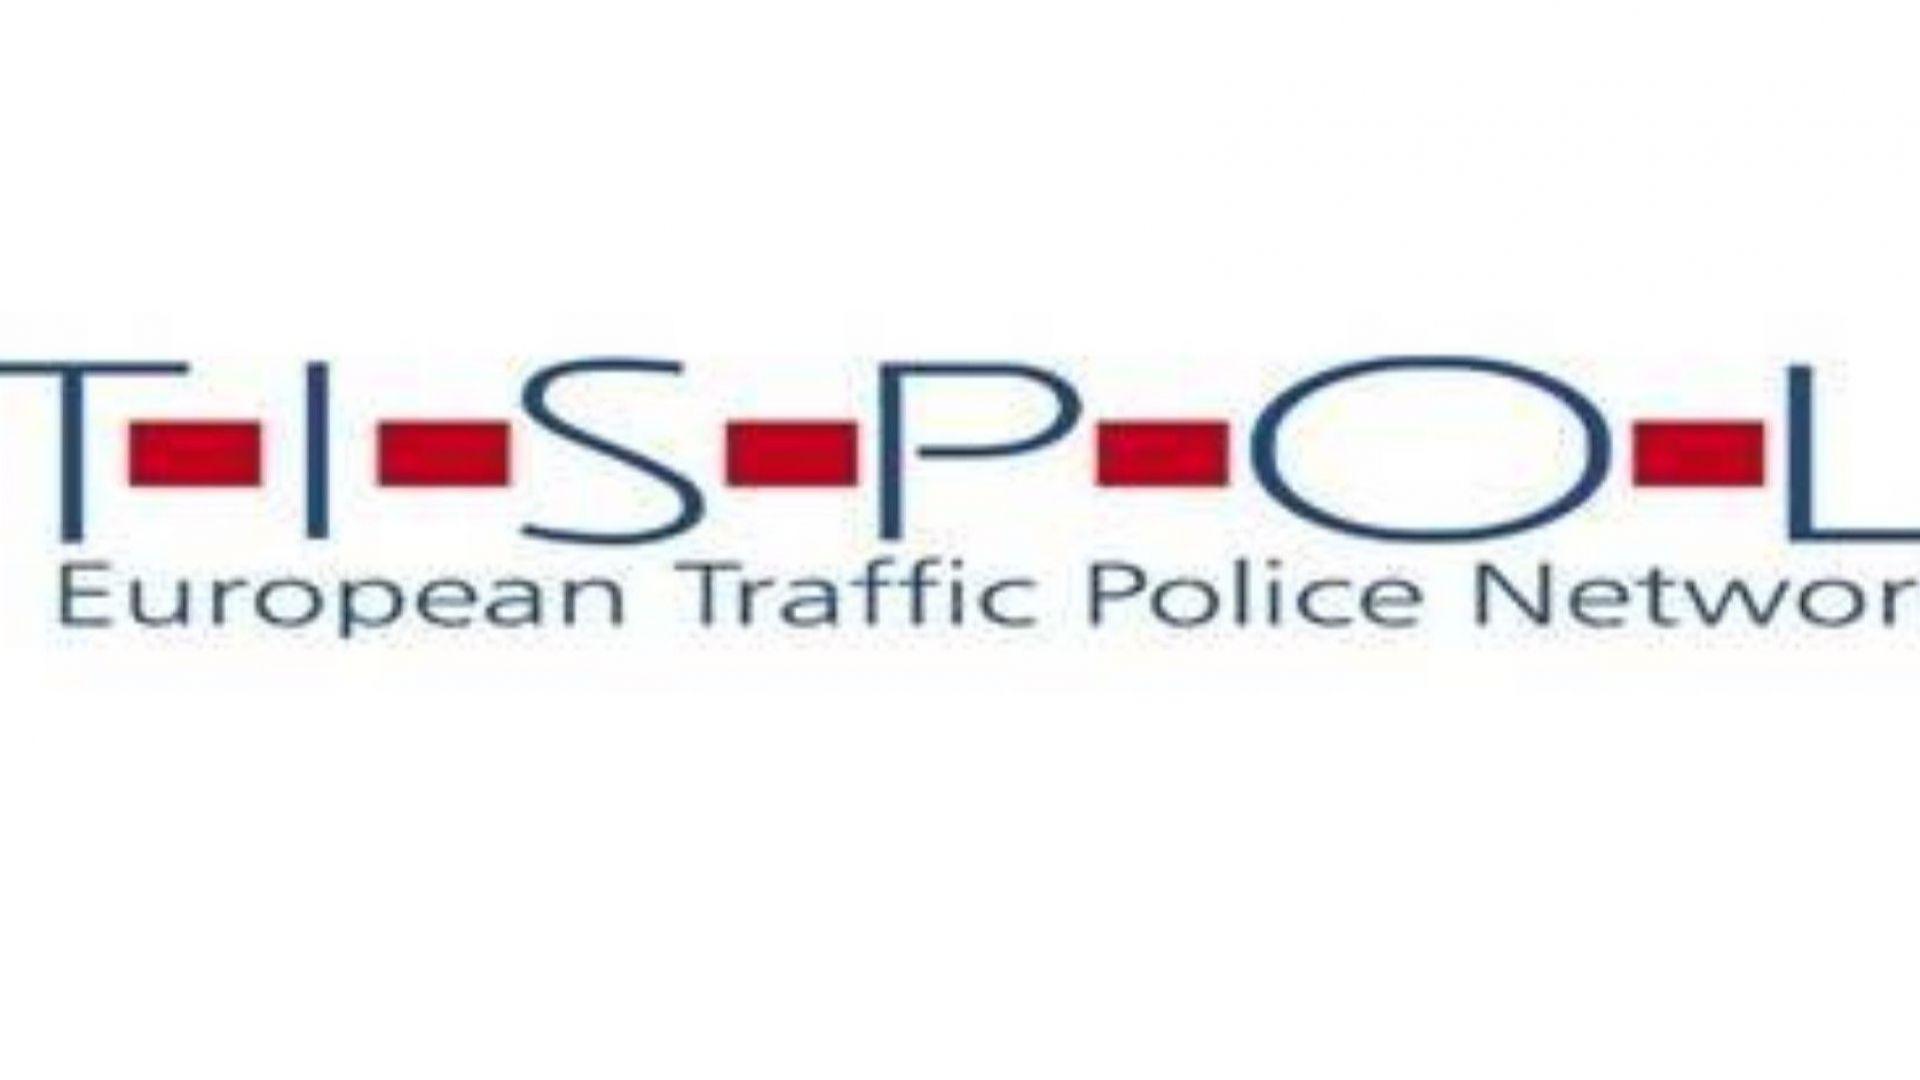 44 камиона и автобуса са спрени от движение при операция TISPOL